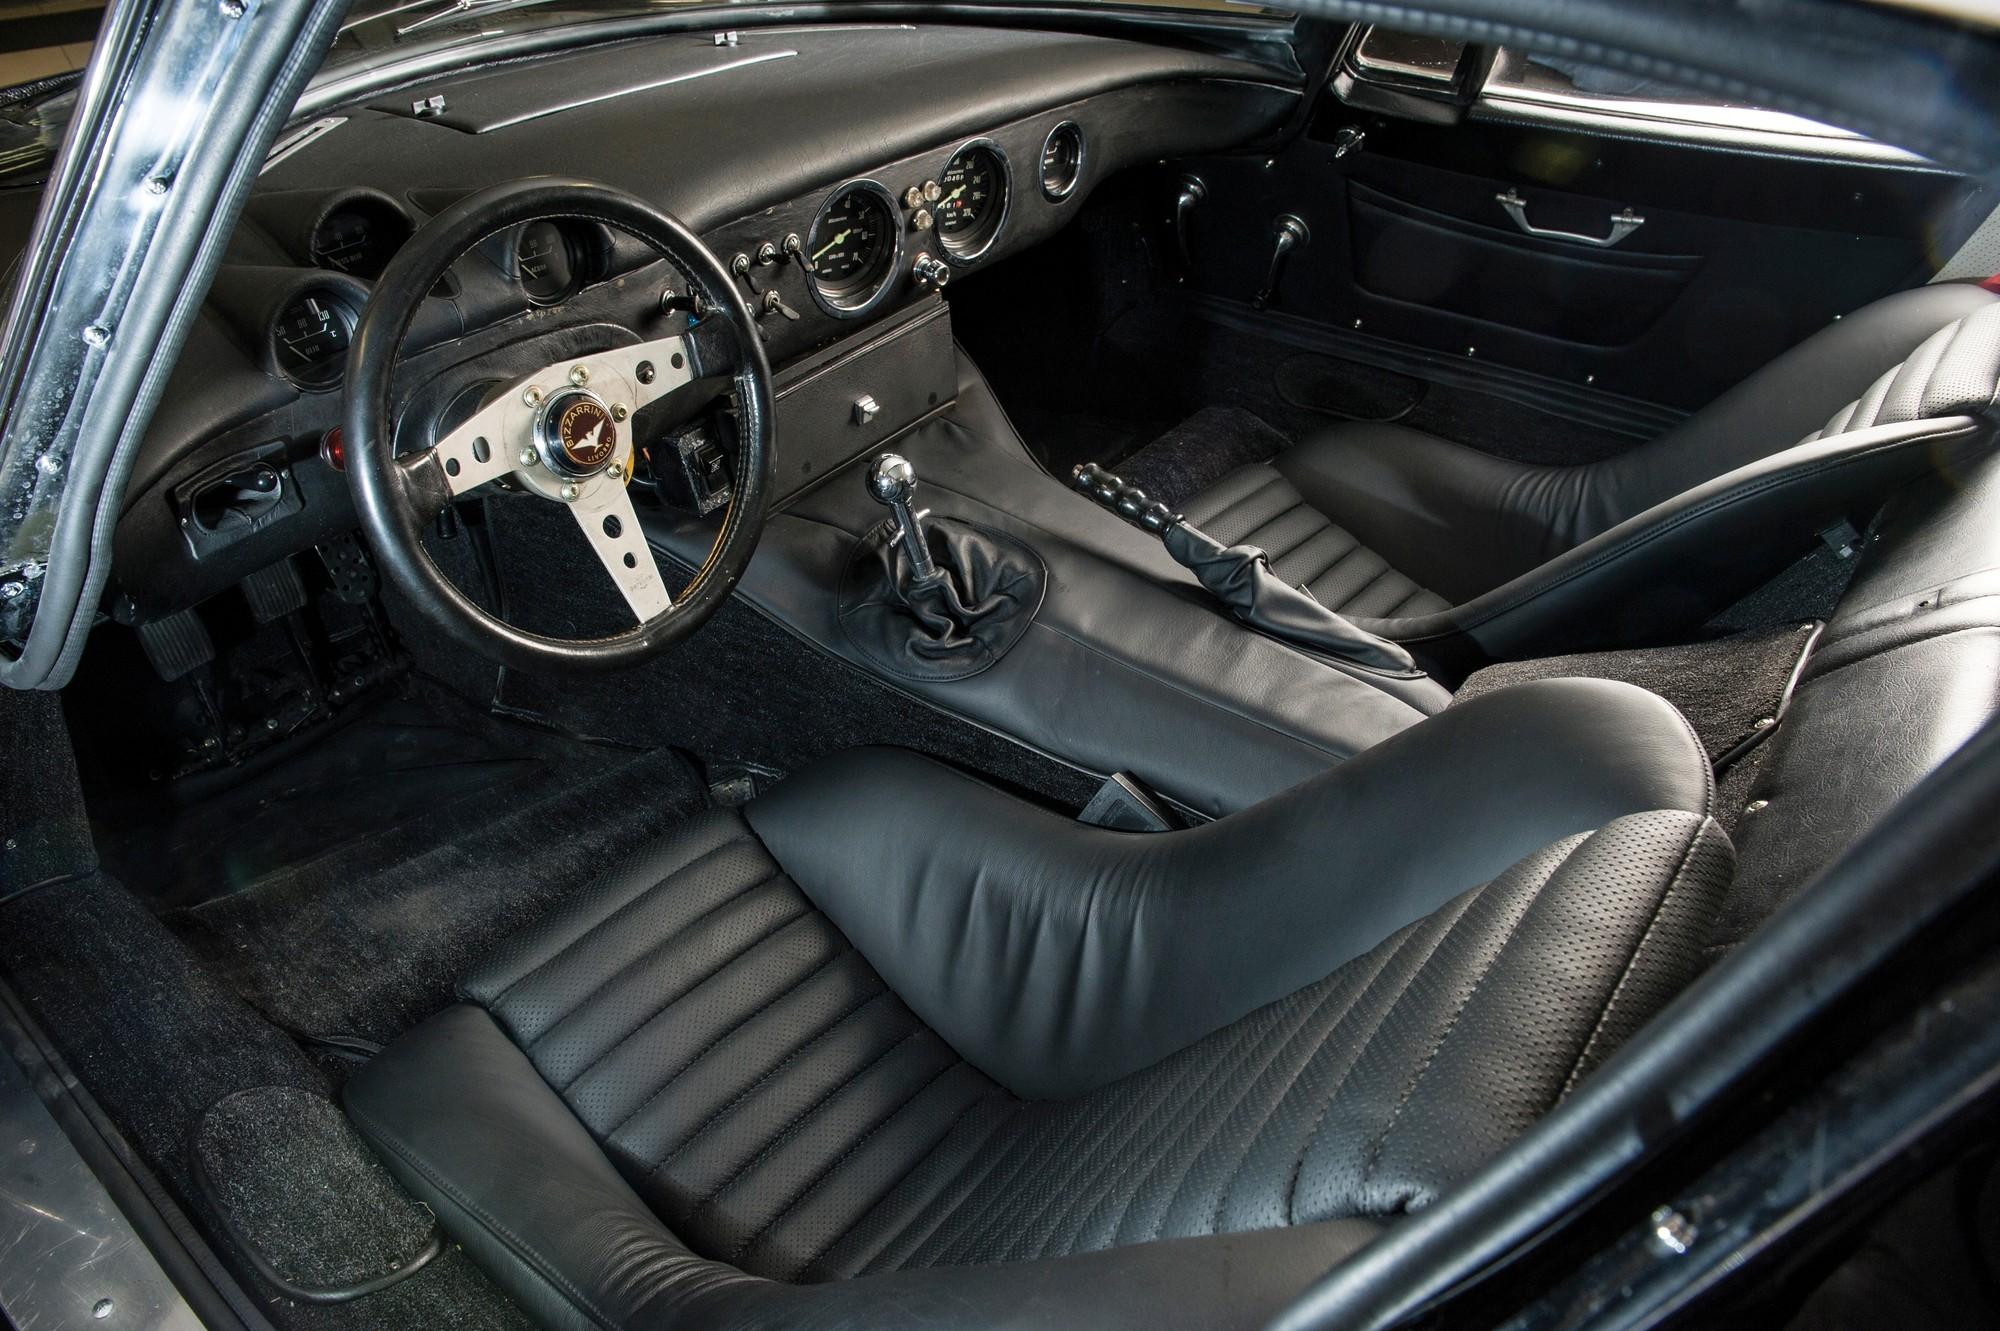 Итальянскую марку Bizzarrini возродят в 2021 году бывшие топ-менеджеры Aston Martin